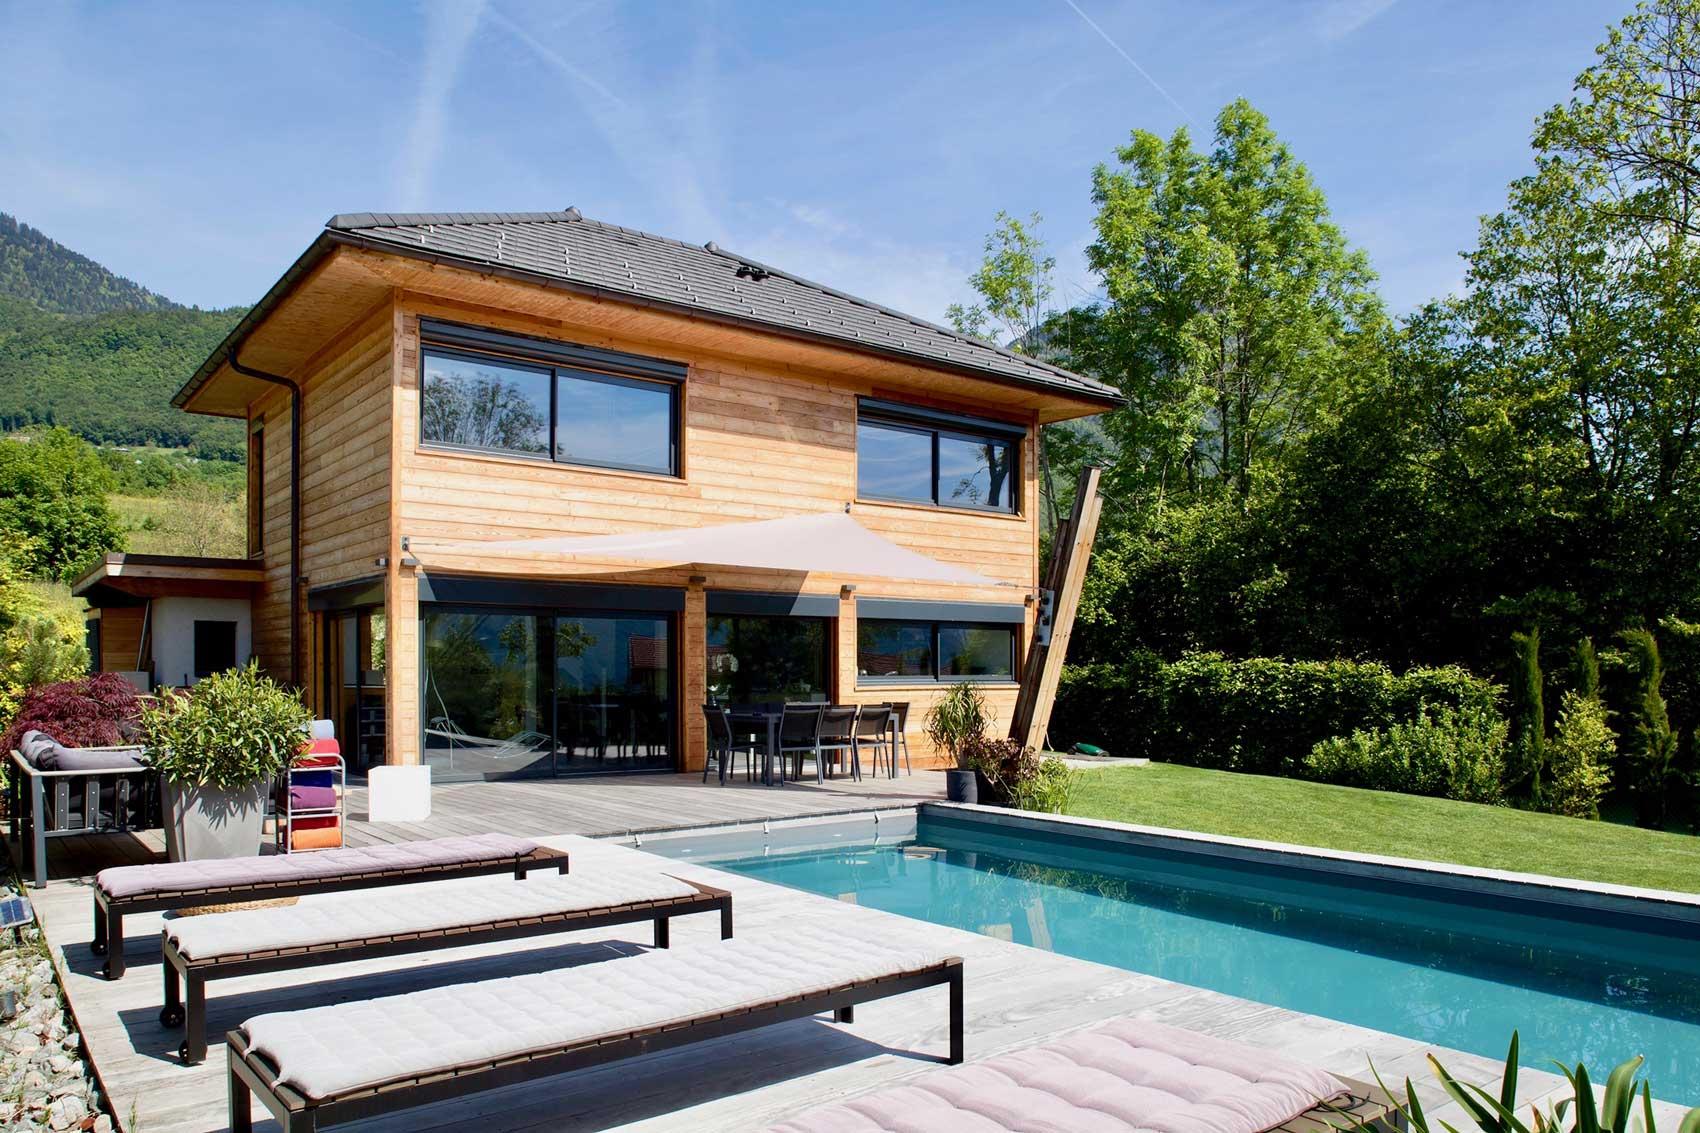 Maison En Bois Contemporaine Savoie Verrens Arvey